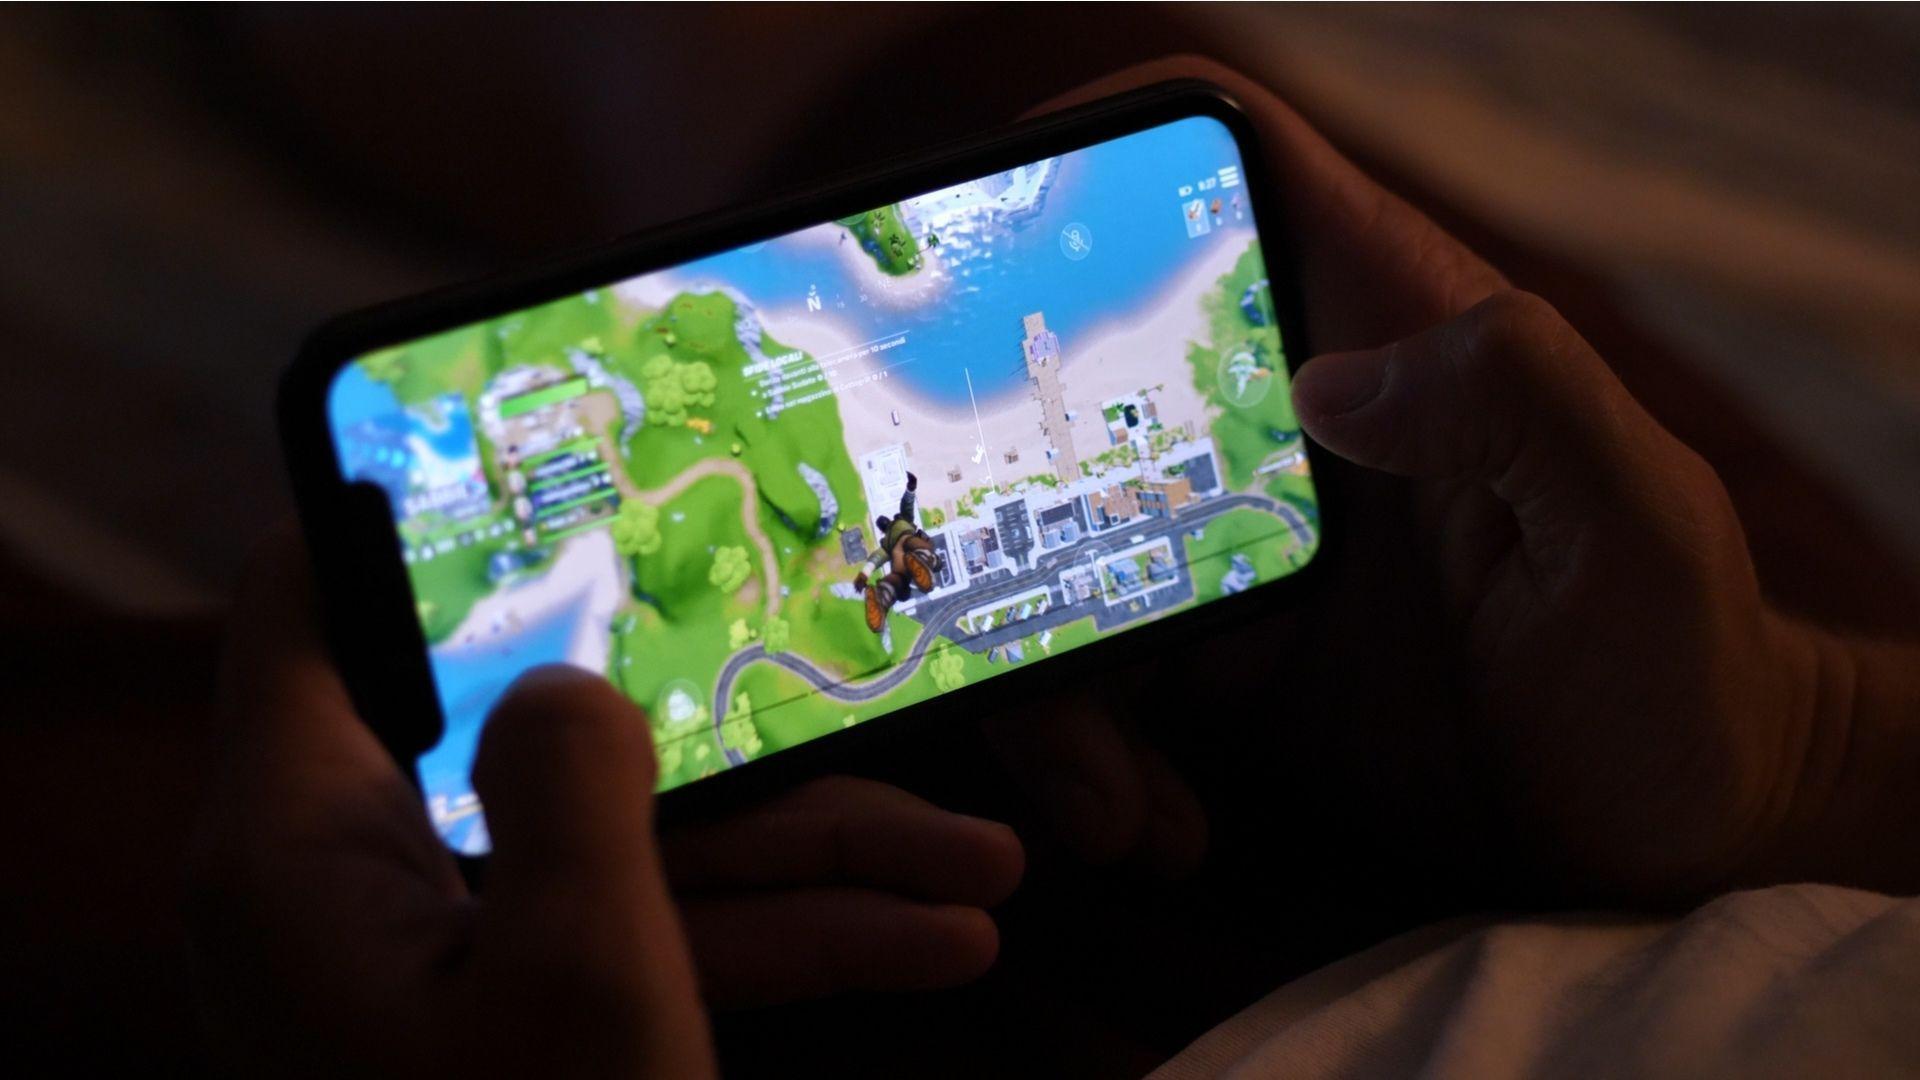 Melhores jogos para Android: lista traz as melhores opções para baixar (Foto: Shutterstock)